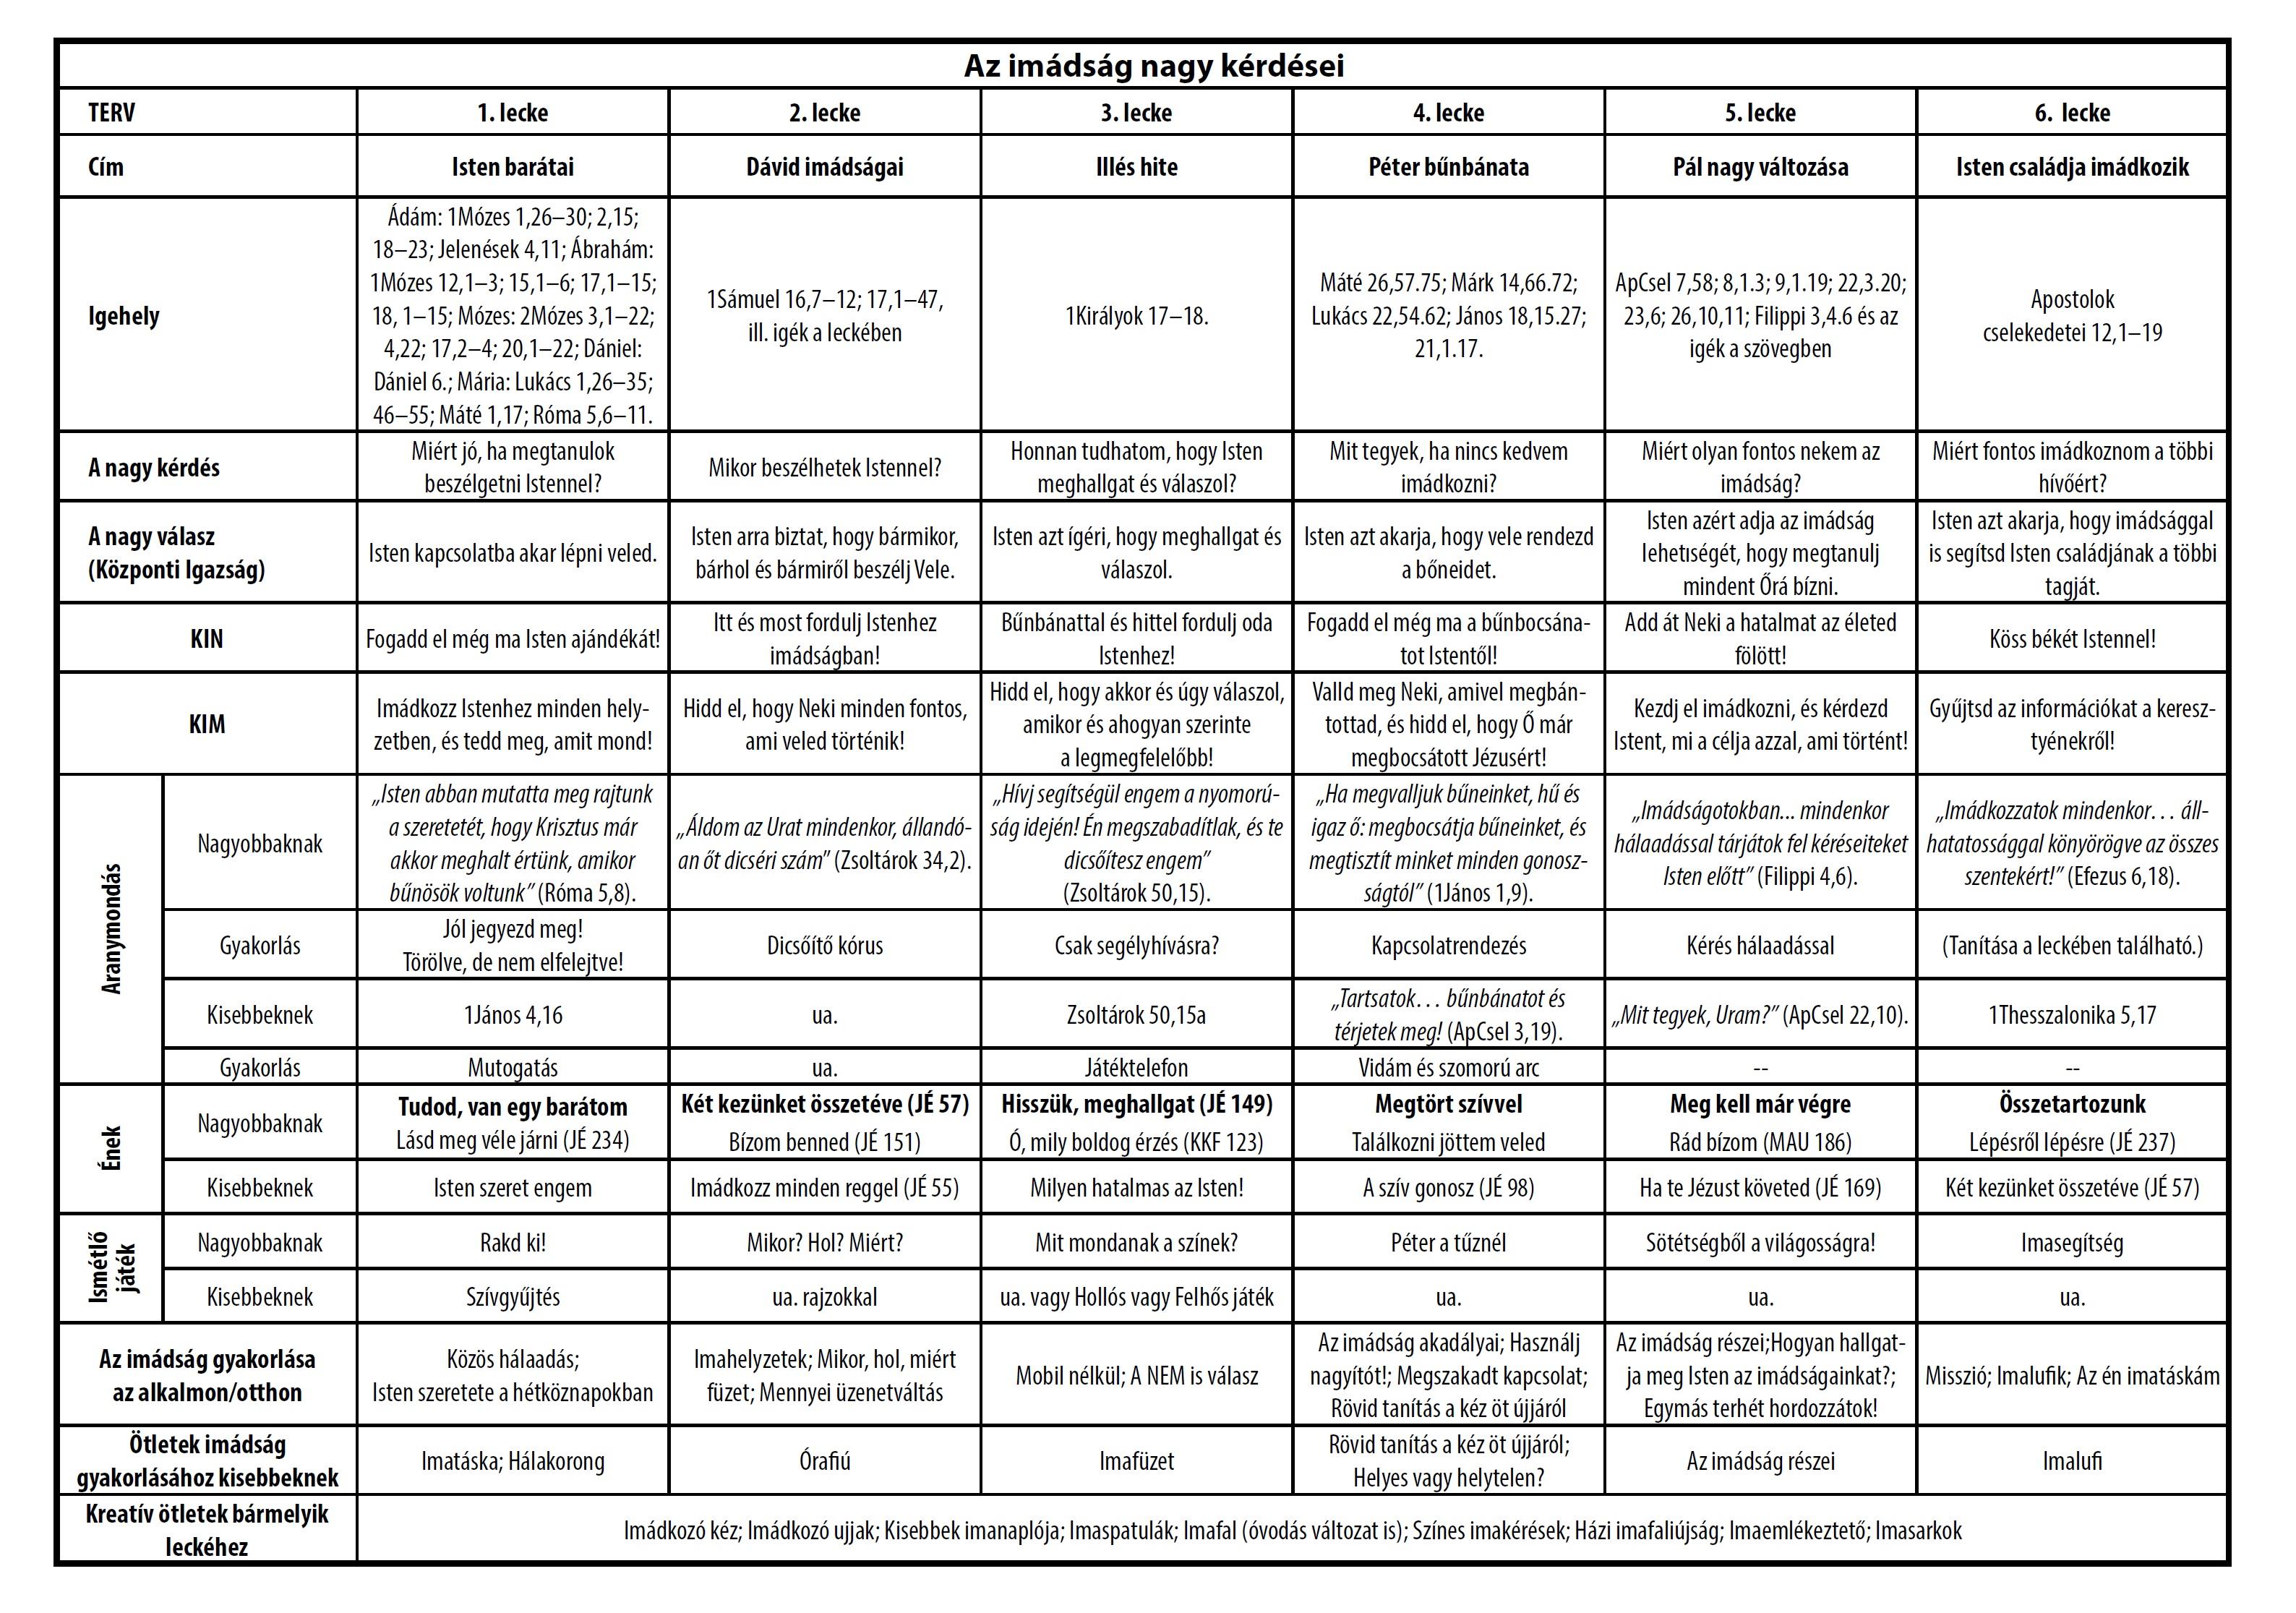 Az imádság nagy kérdései táblázat